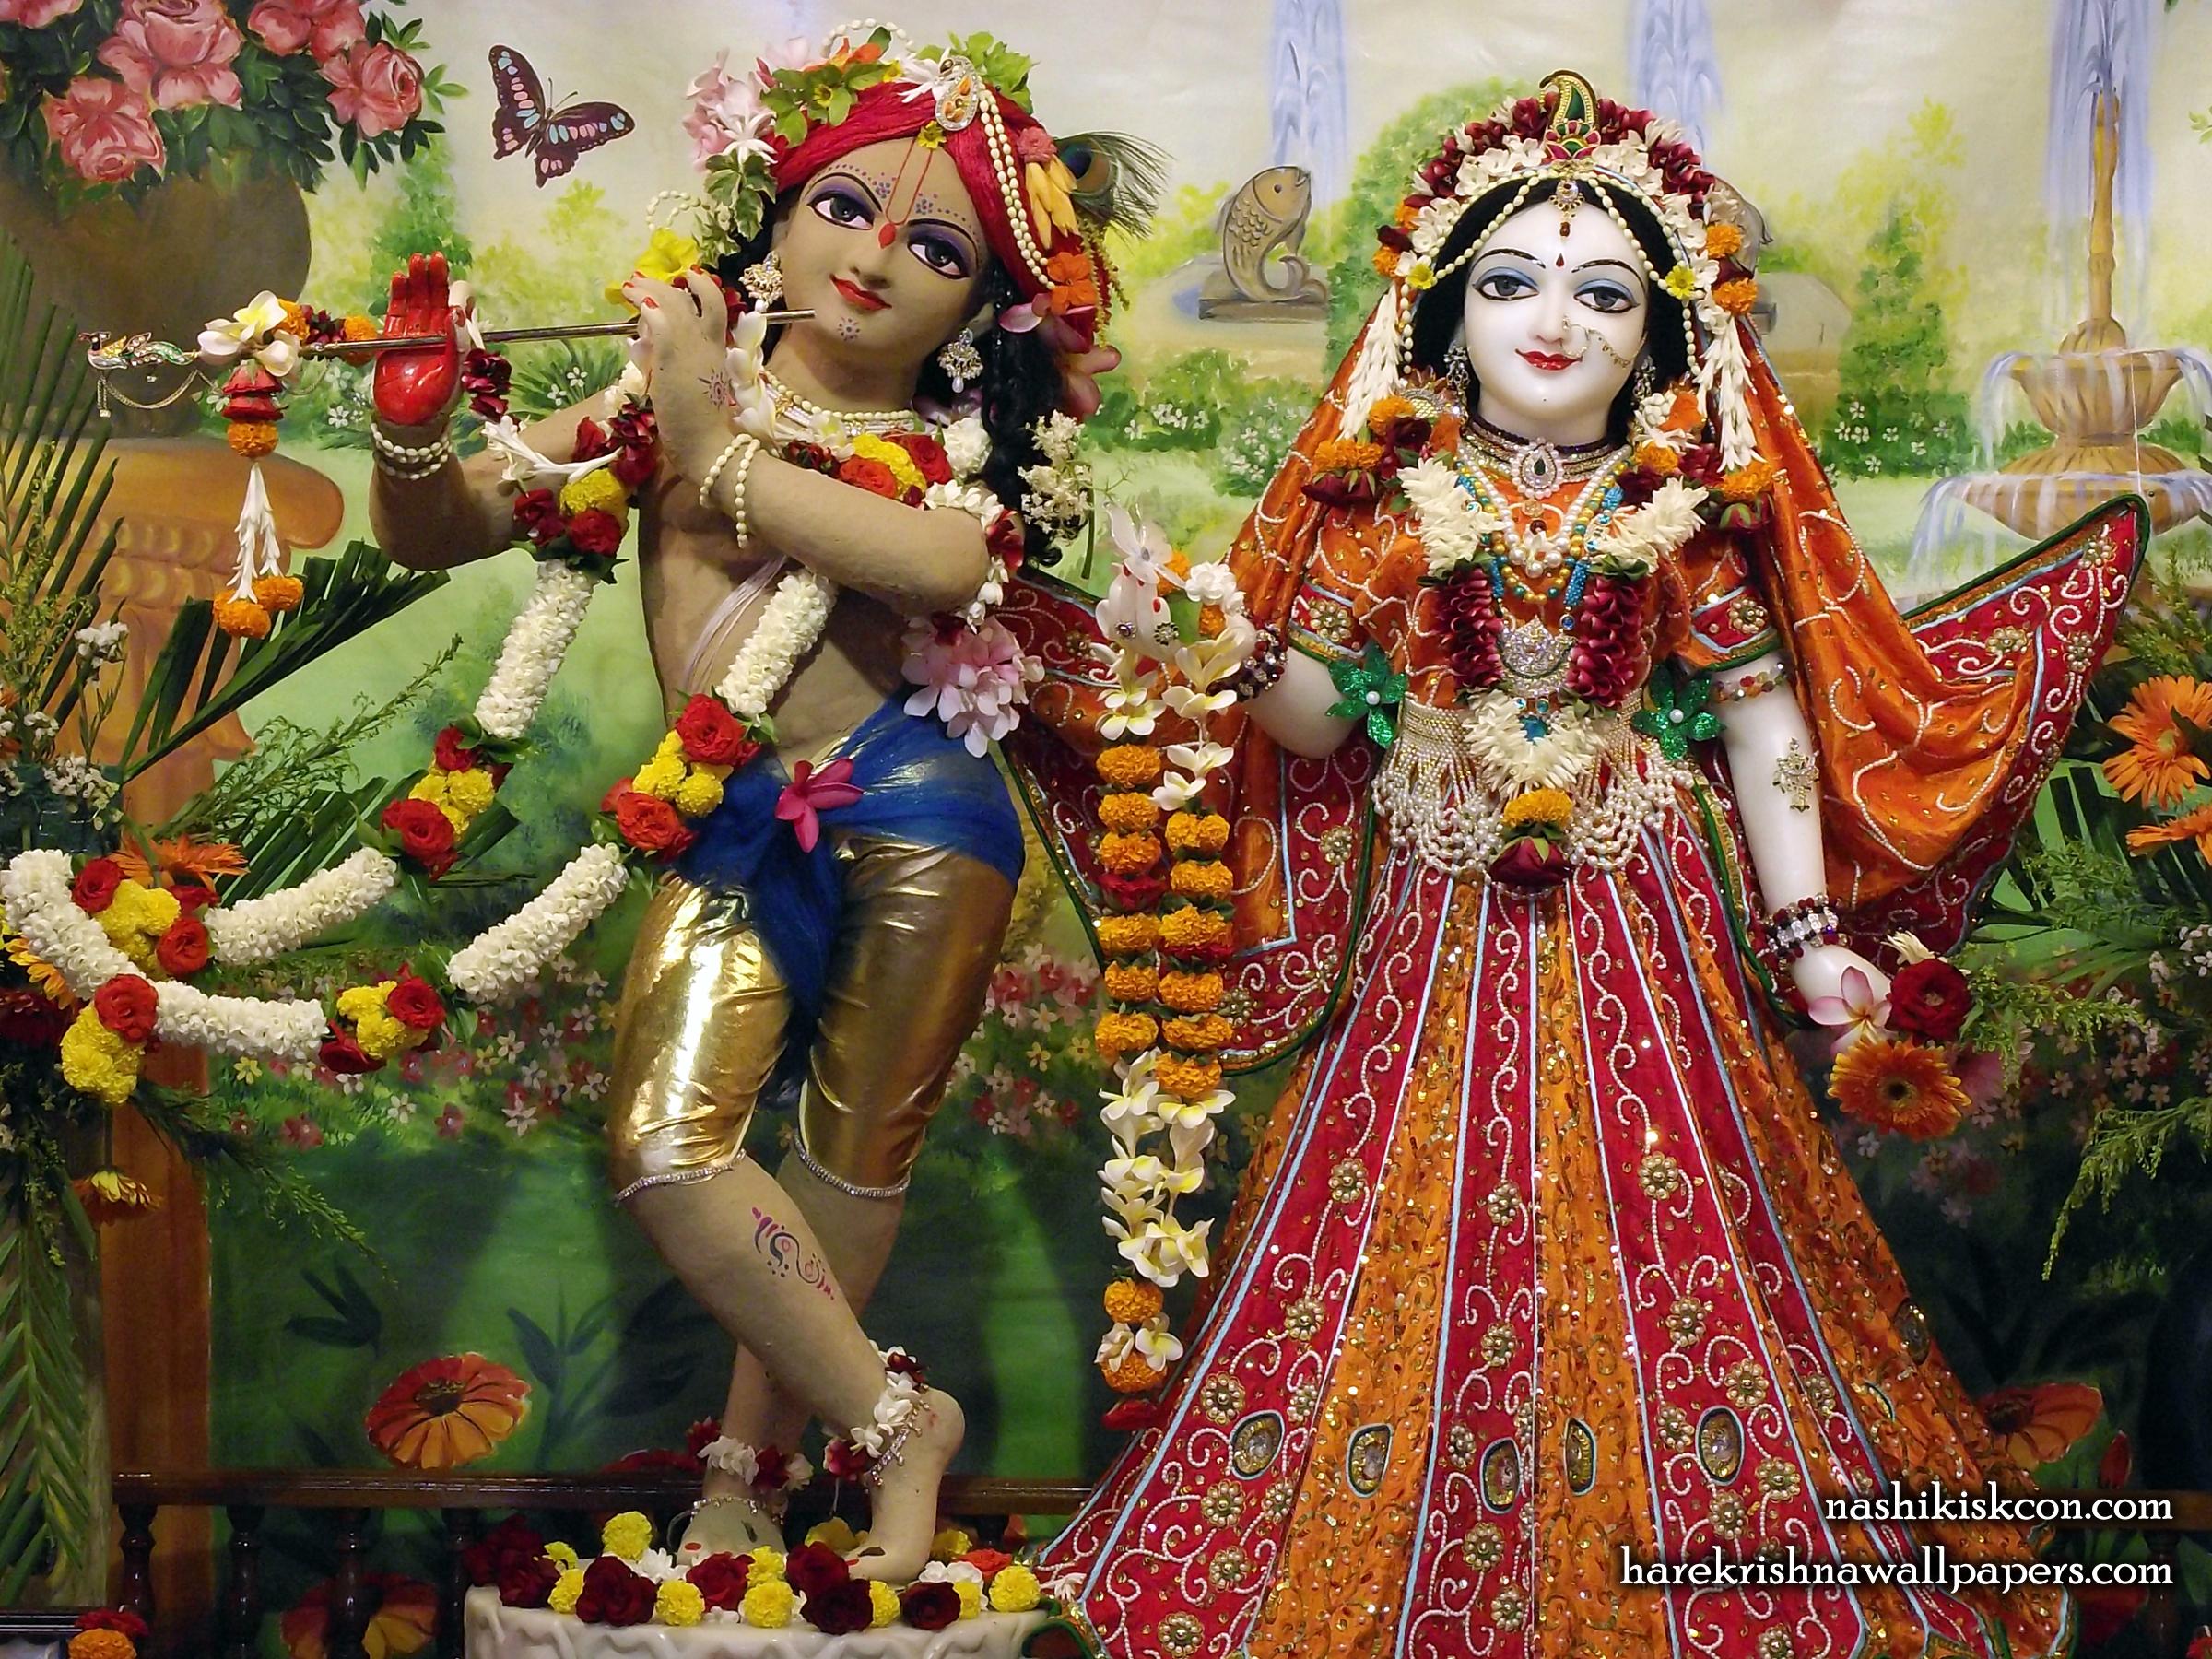 Sri Sri Radha Madan Gopal Wallpaper (011) Size 2400x1800 Download